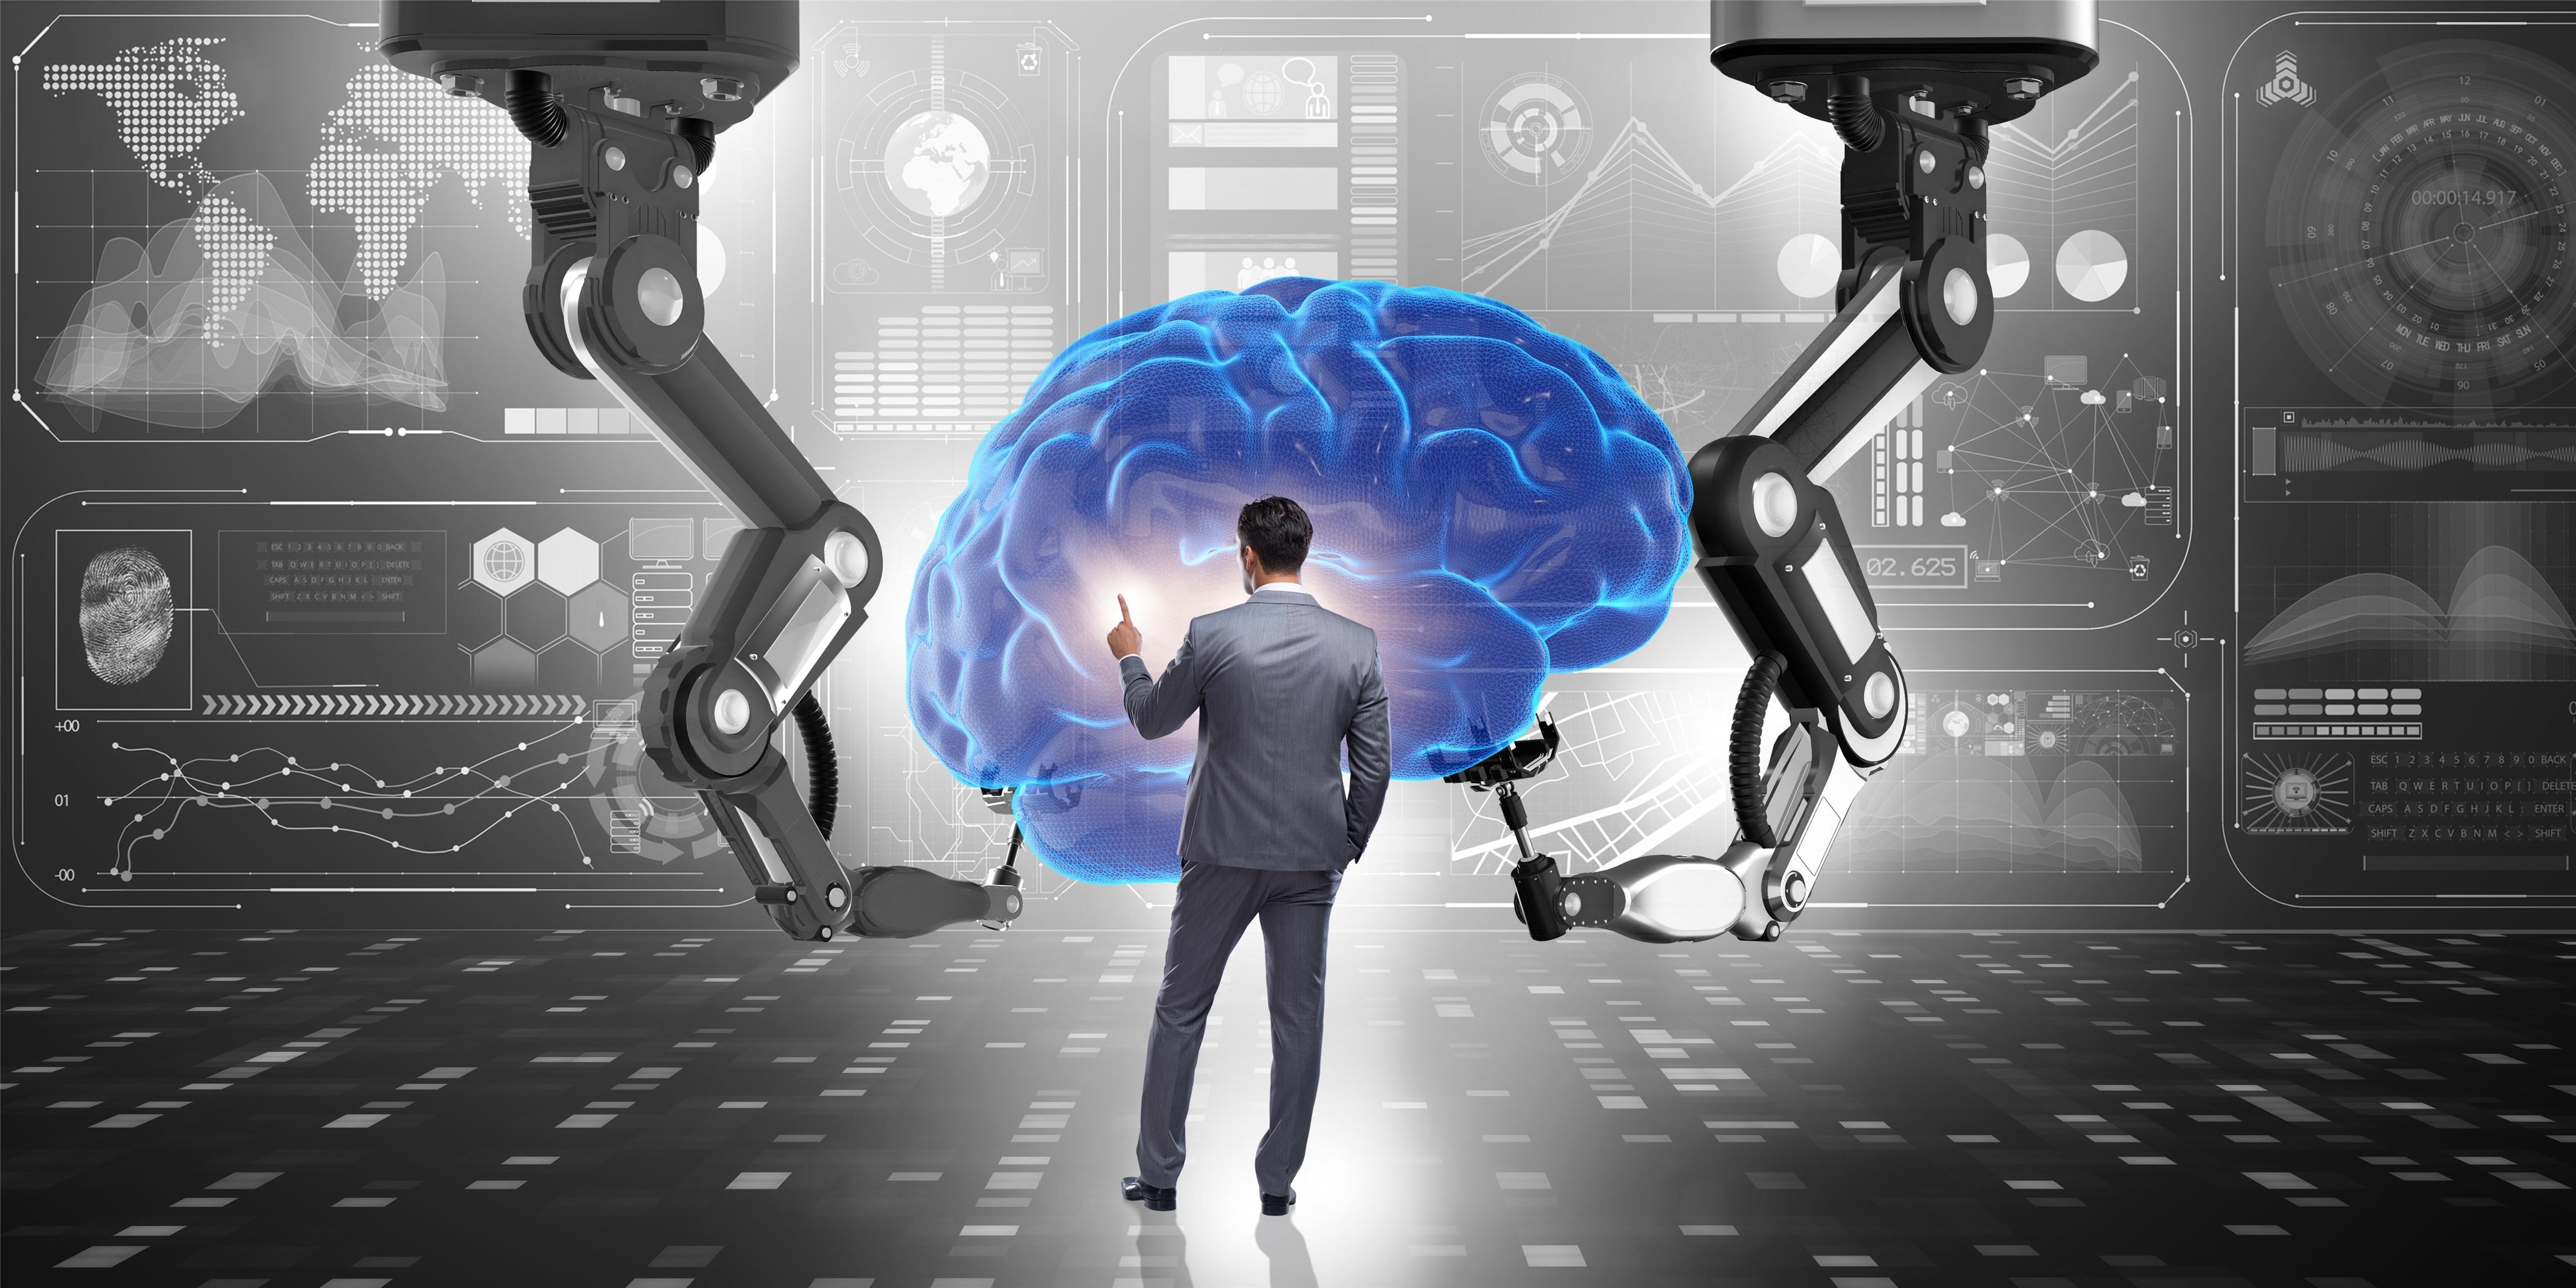 """量子计算获得突破性进展,人工智能""""奇点""""提前?"""